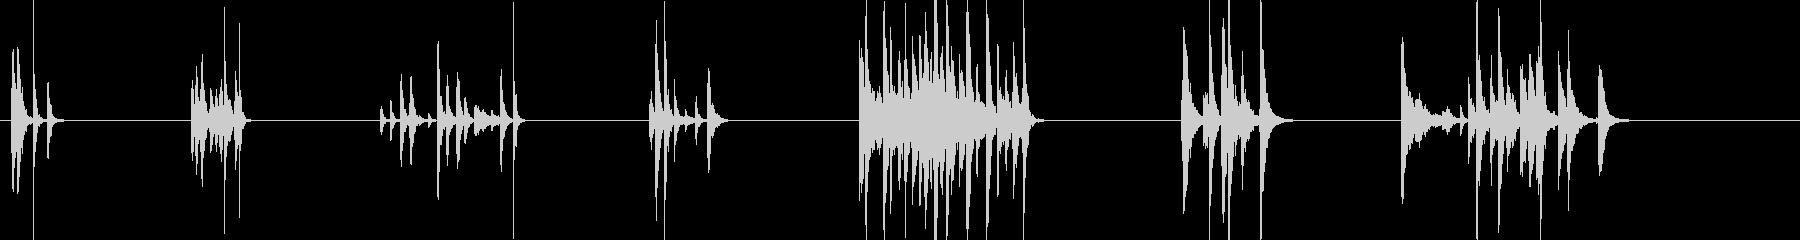 ドラムコンボ-7エフェクト;さまざ...の未再生の波形